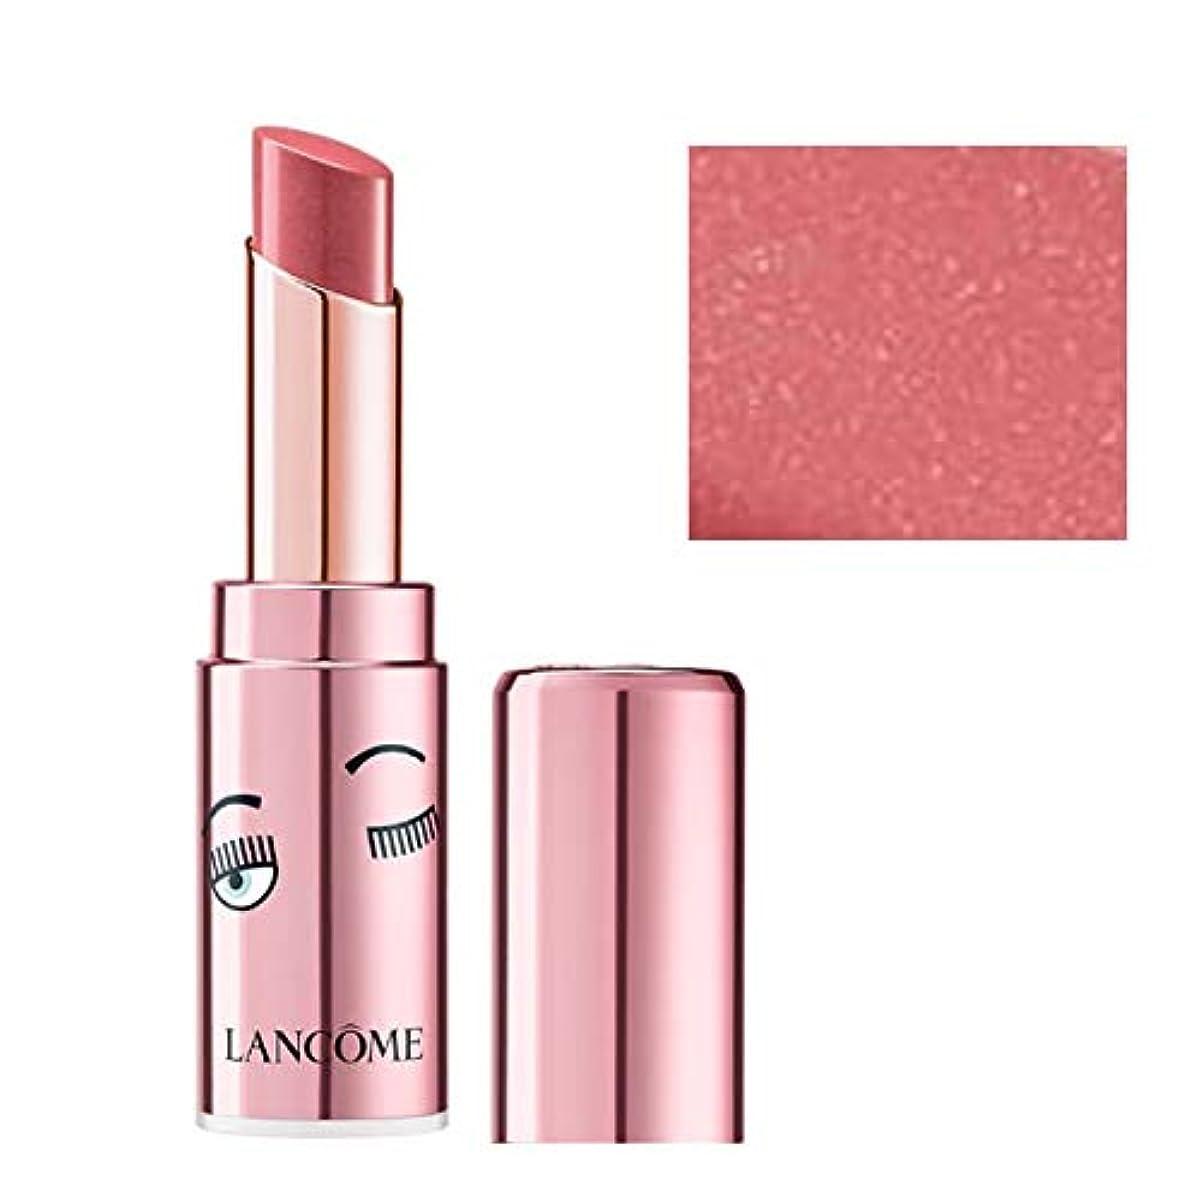 ストラトフォードオンエイボン荒涼とした心のこもったランコム(LANCOME), 限定版 limited-edition, x Chiara Ferragni L'Absolu Mademoiselle Shine Balm Lipstick - Independent Women [海外直送品] [並行輸入品]